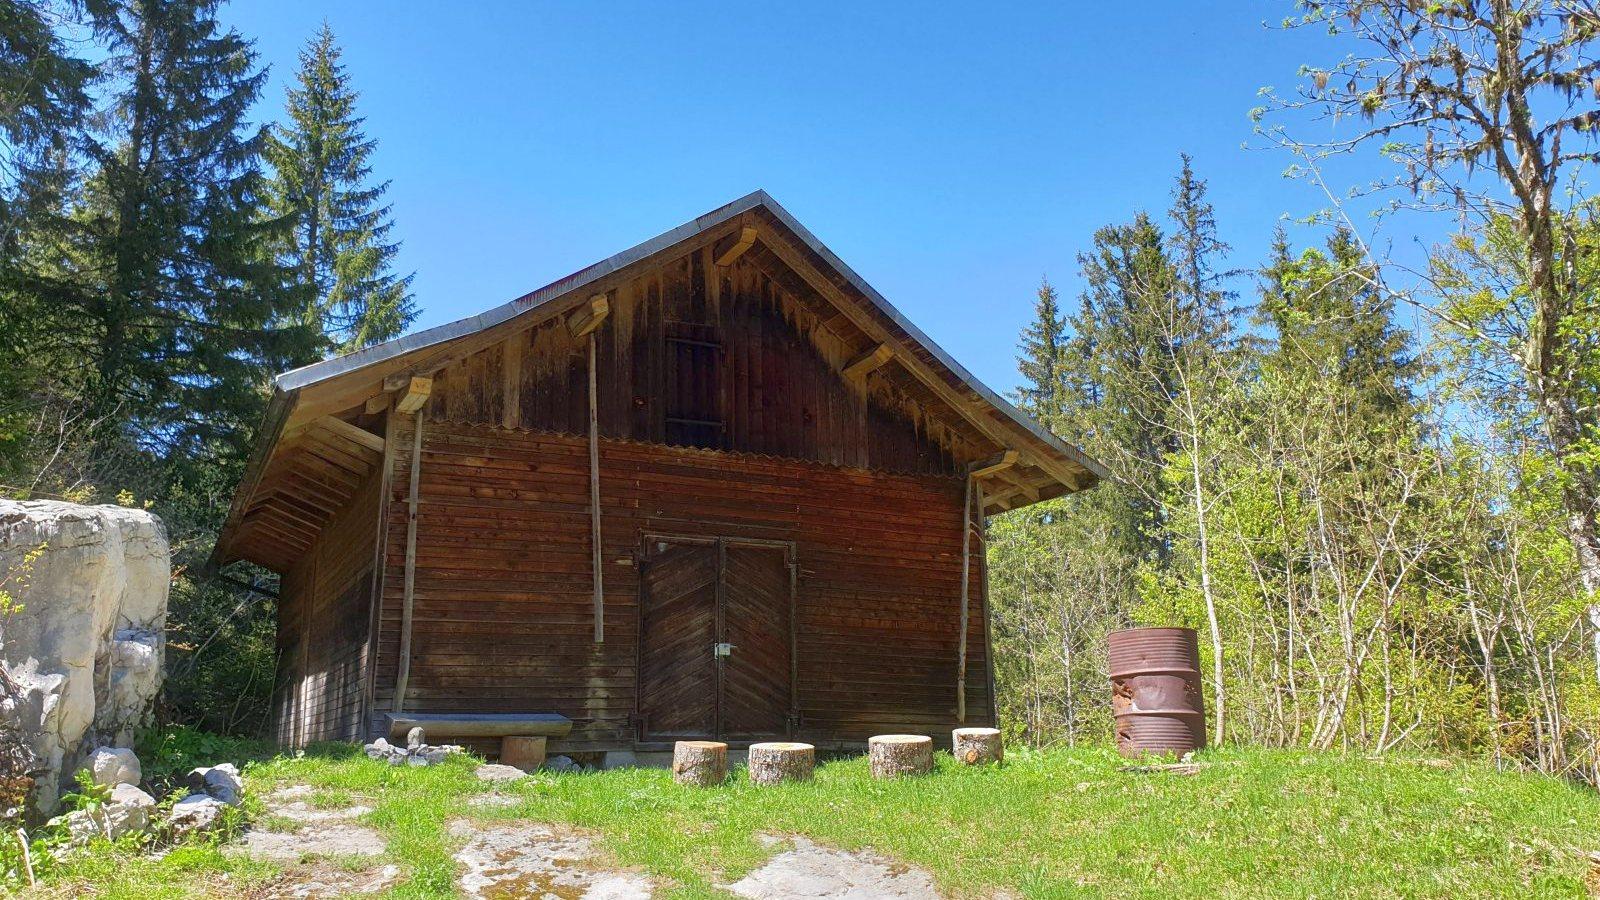 Refuge du Bois à Ban - L'Abbaye - Vaud - Suisse